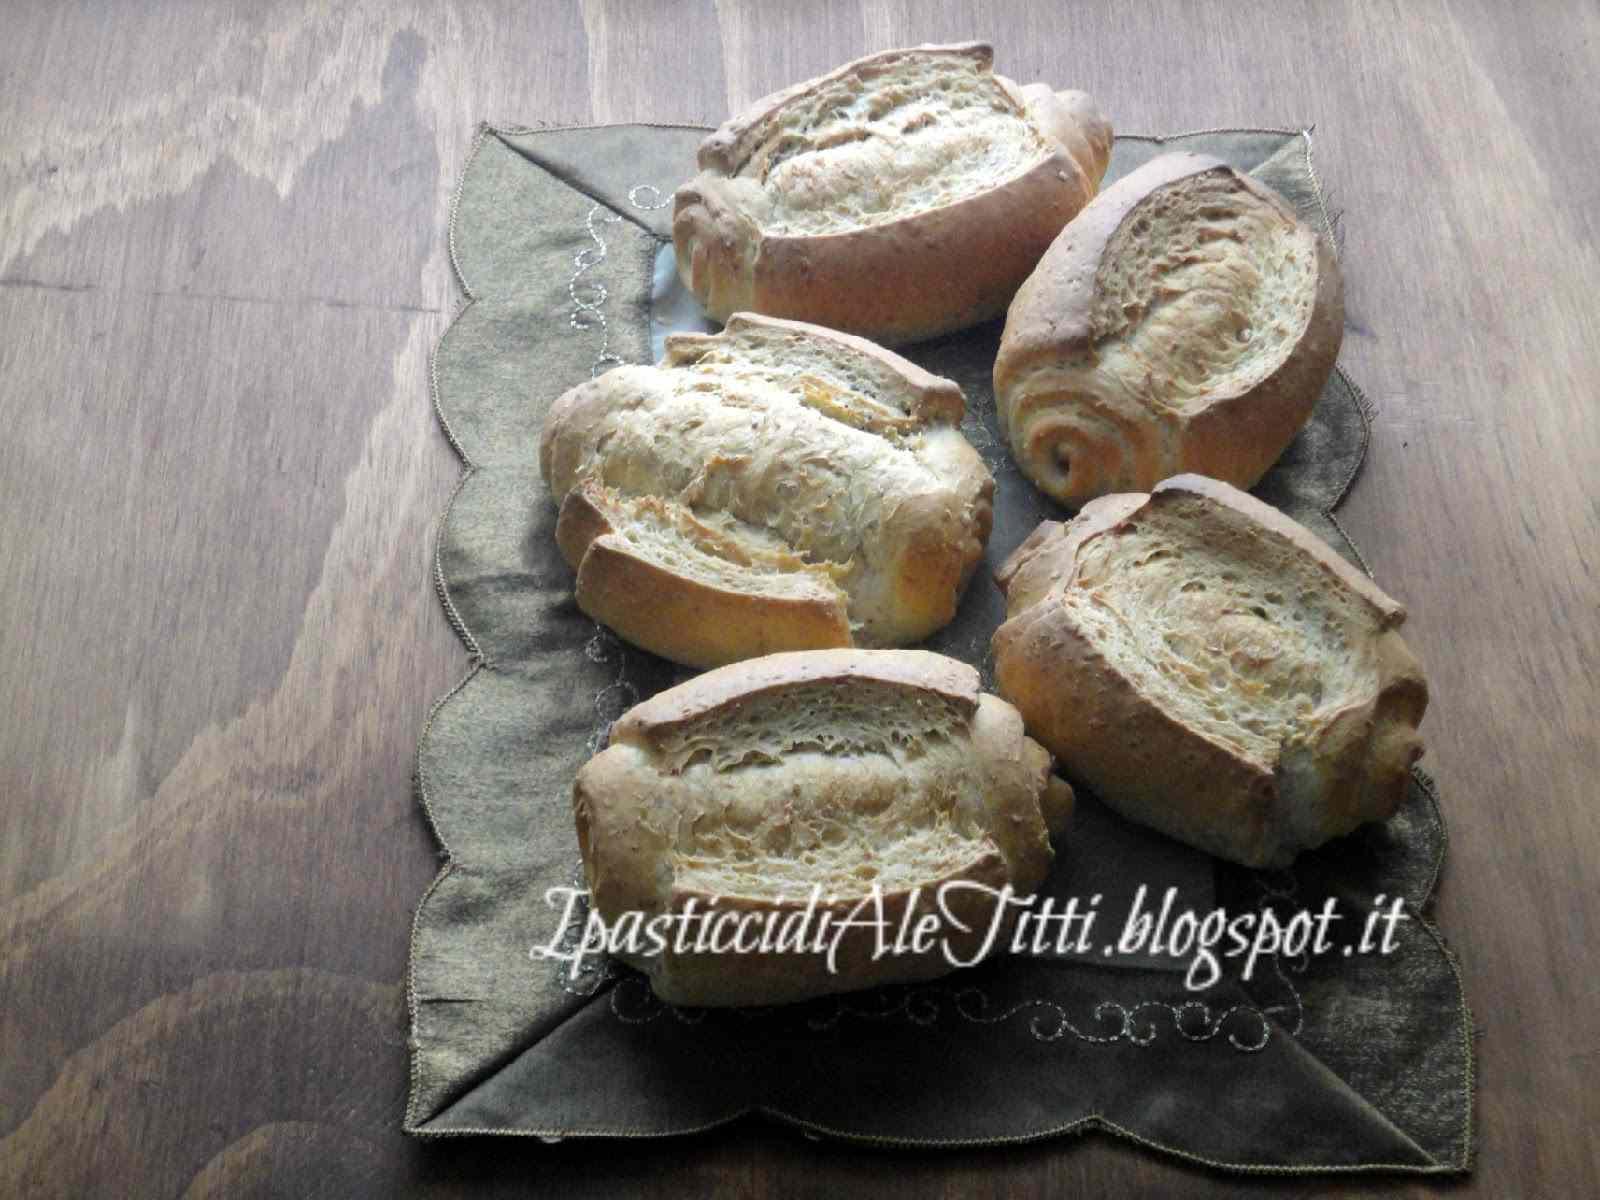 Mantovanine con grano spezzato